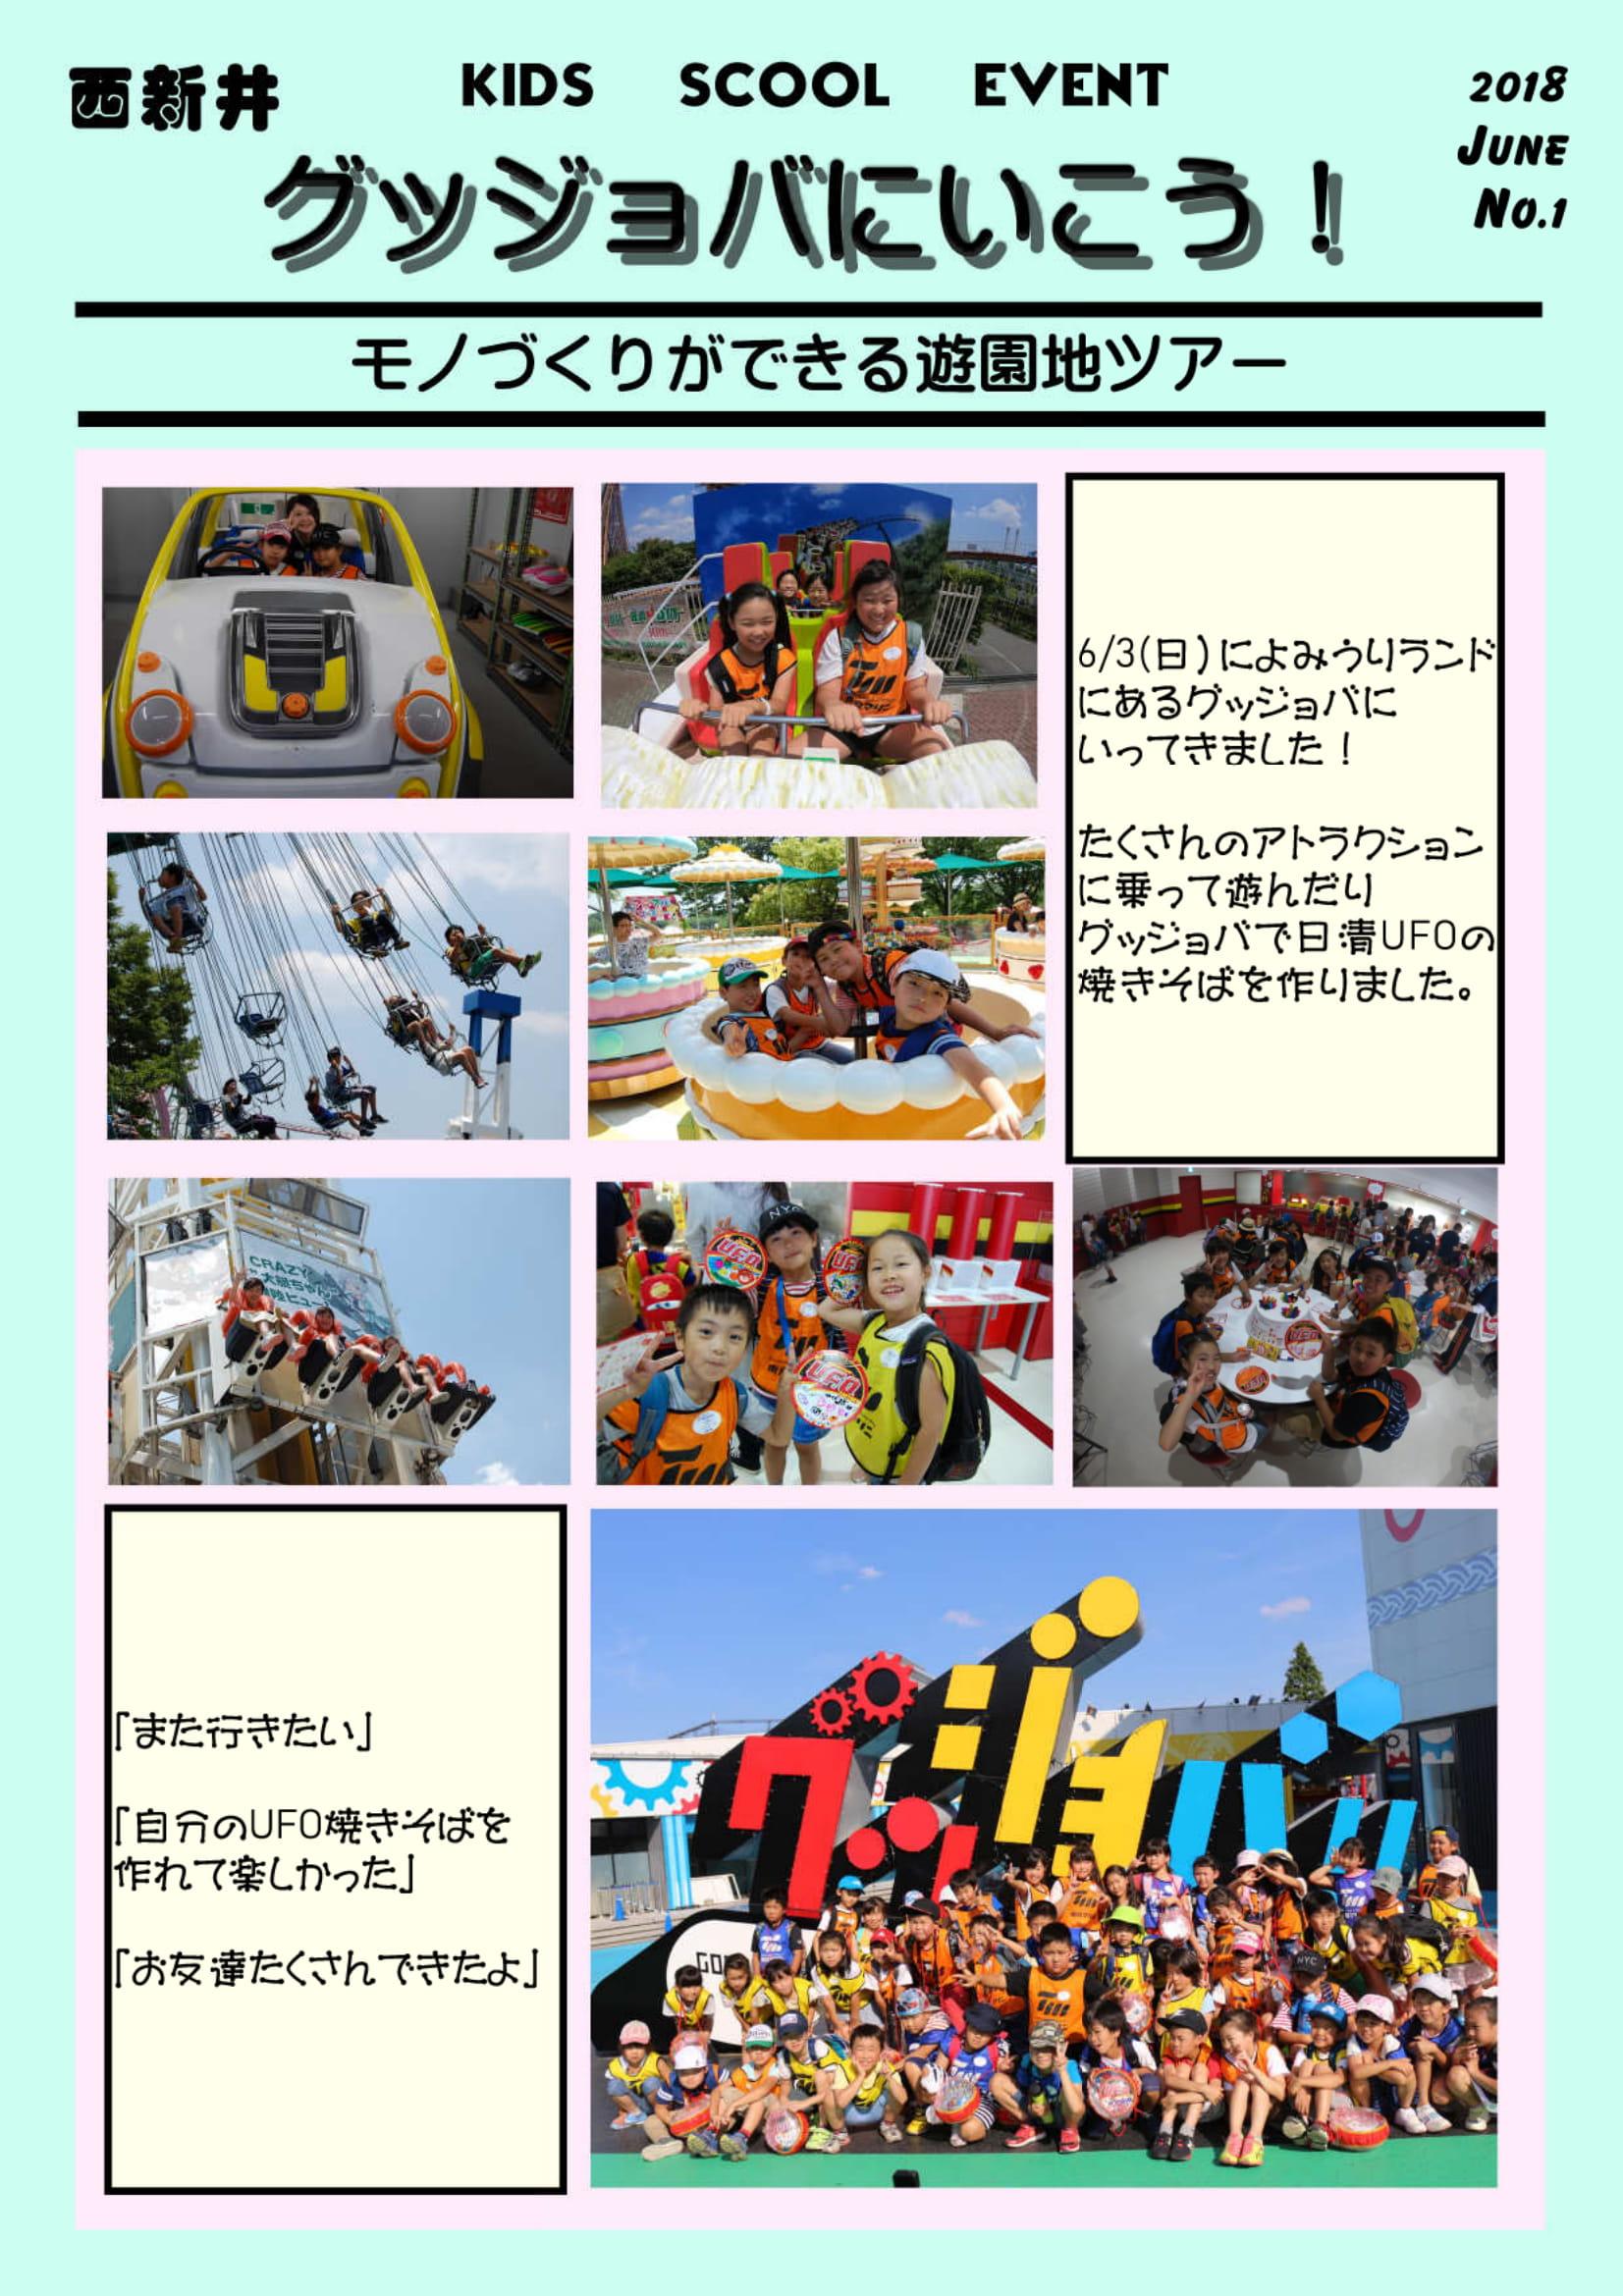 西新井スイミング「グッジョバに行こう」に行きました!